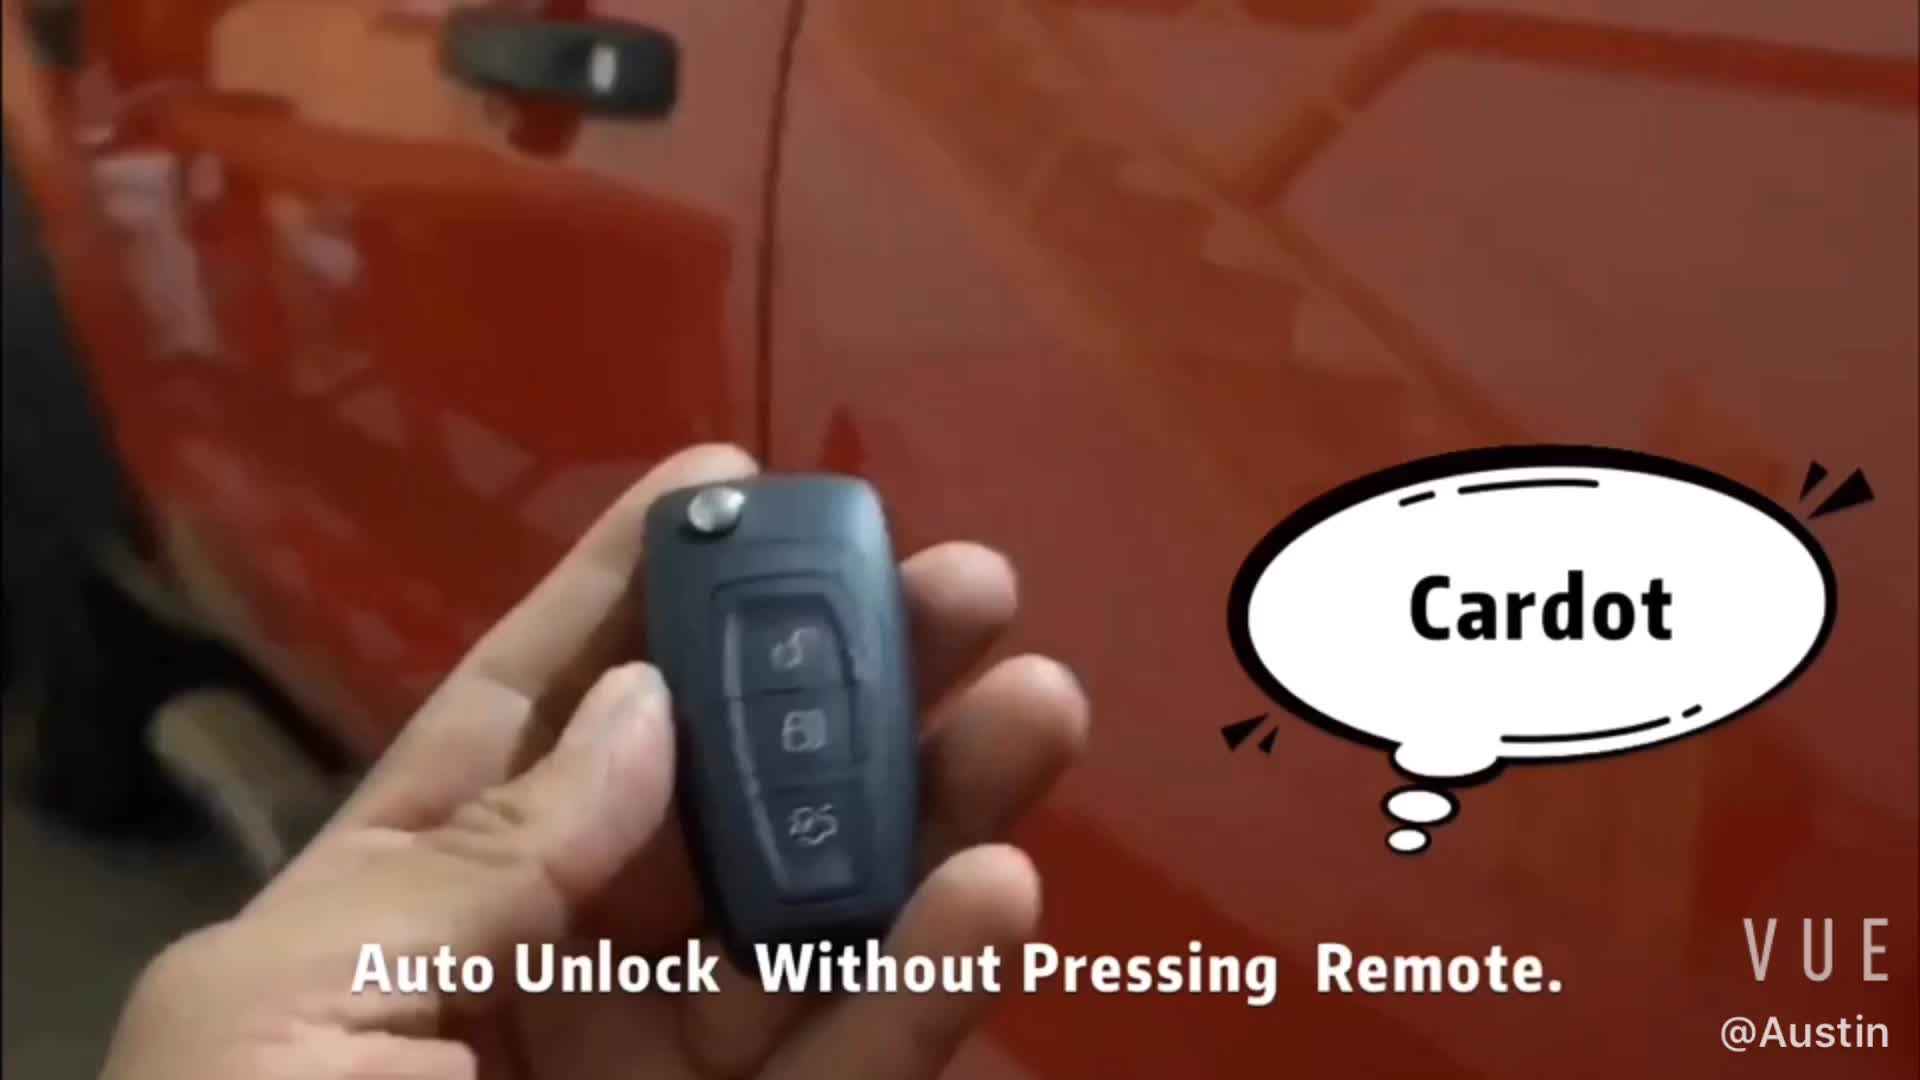 Cardot स्मार्ट निष्क्रिय बिना चाबी प्रविष्टि शुरू रोक इंजन रिमोट स्टार्टर कार अलार्म